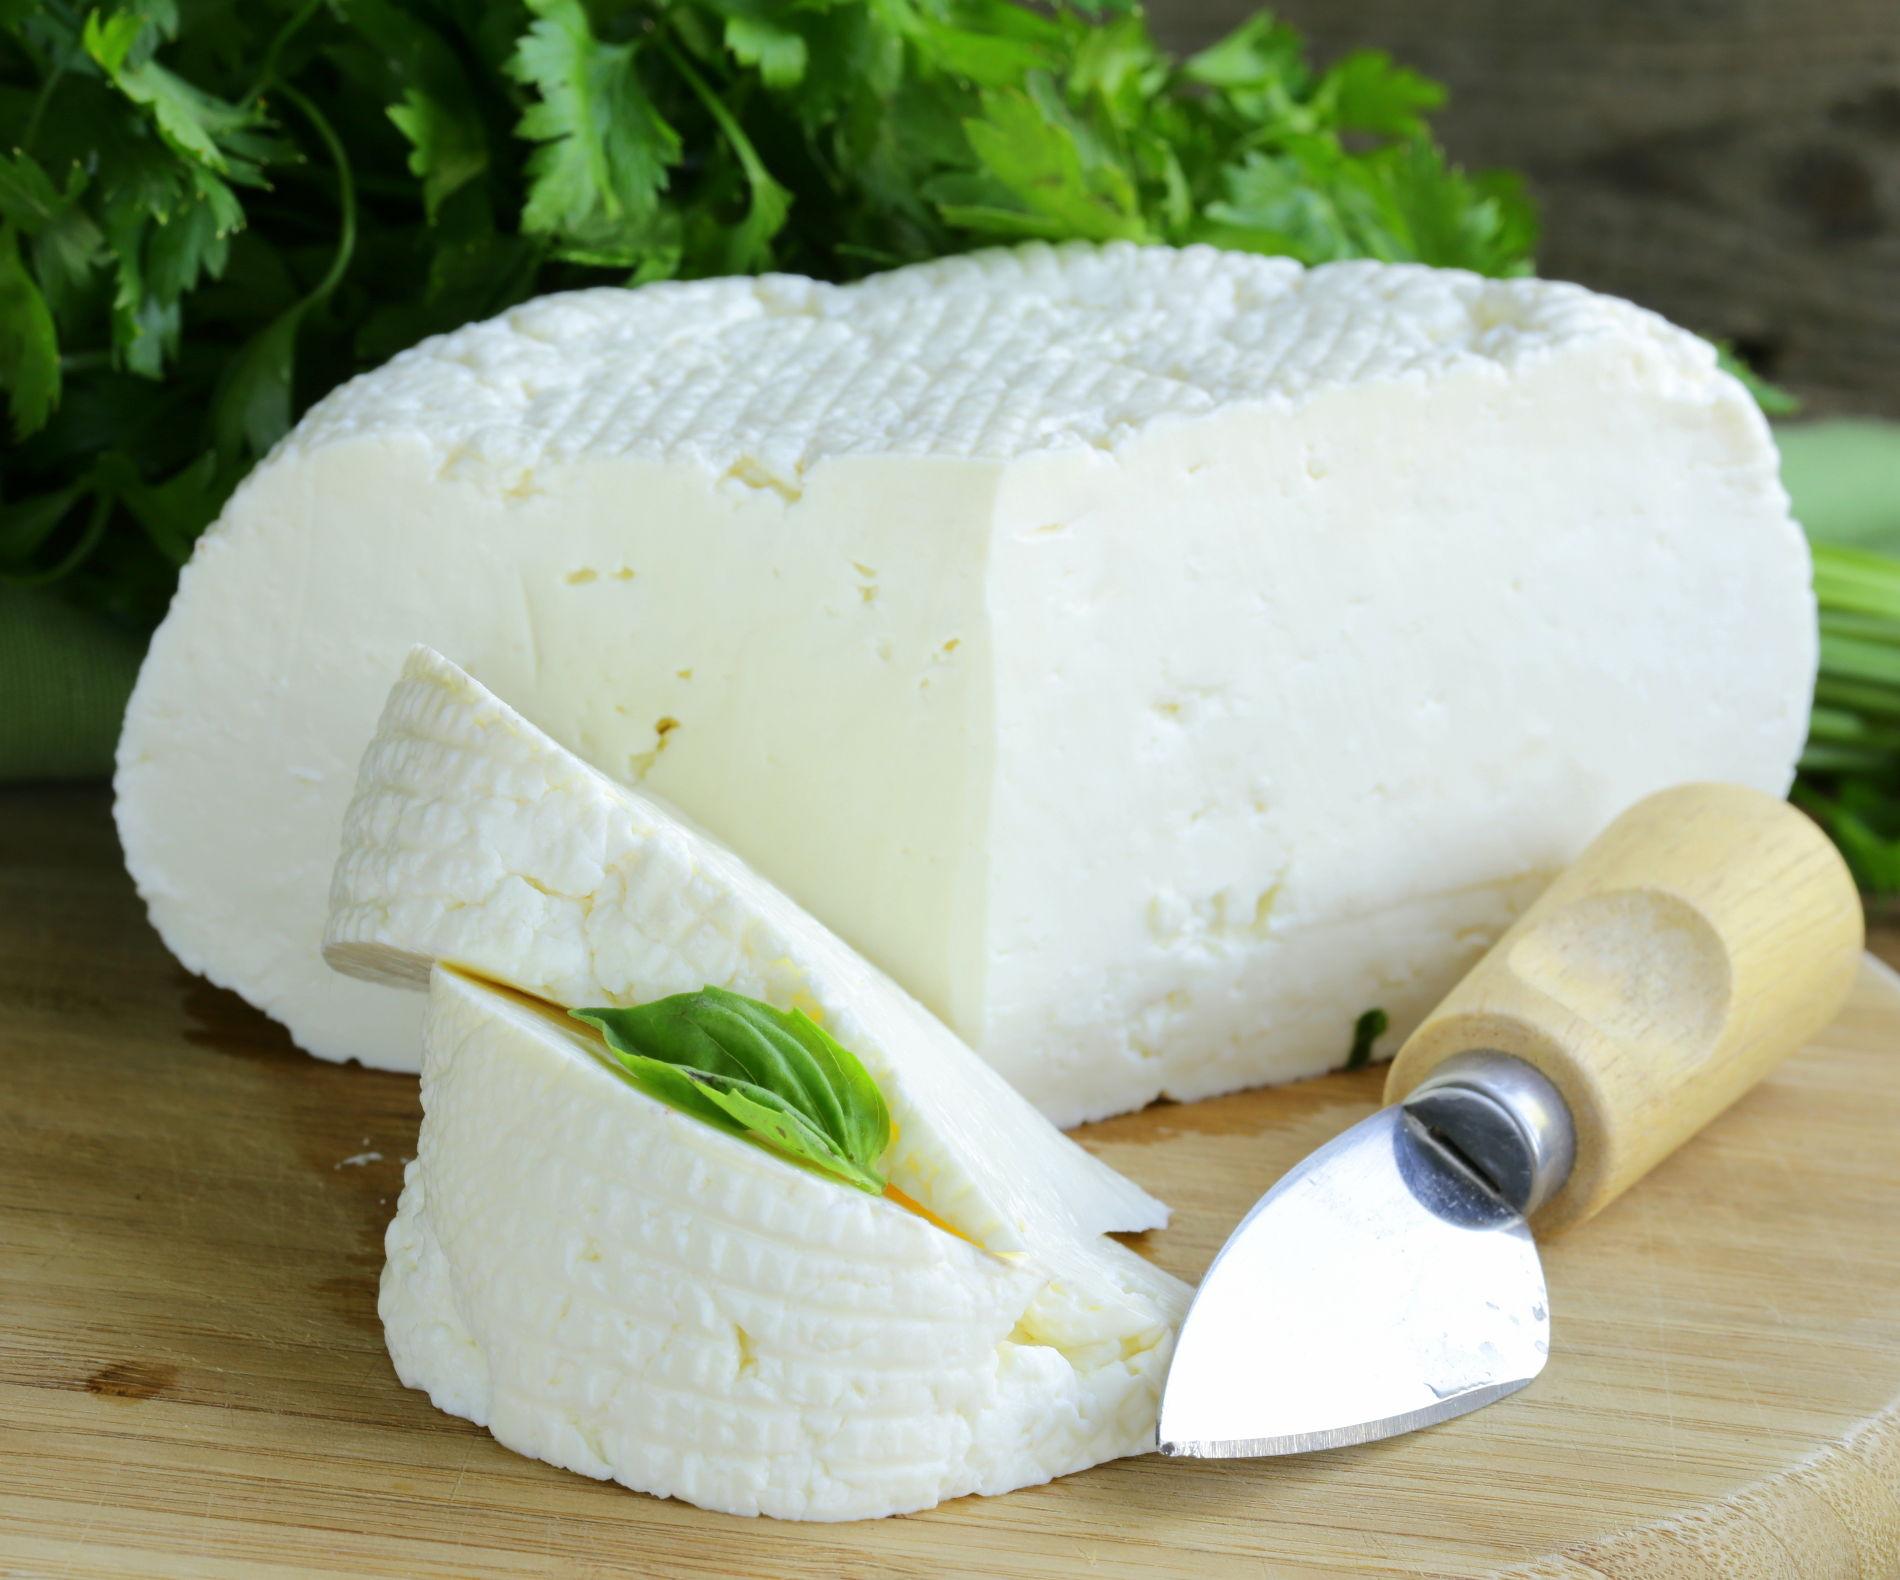 Союз поставщиков адыгейского сыра создали вреспублике